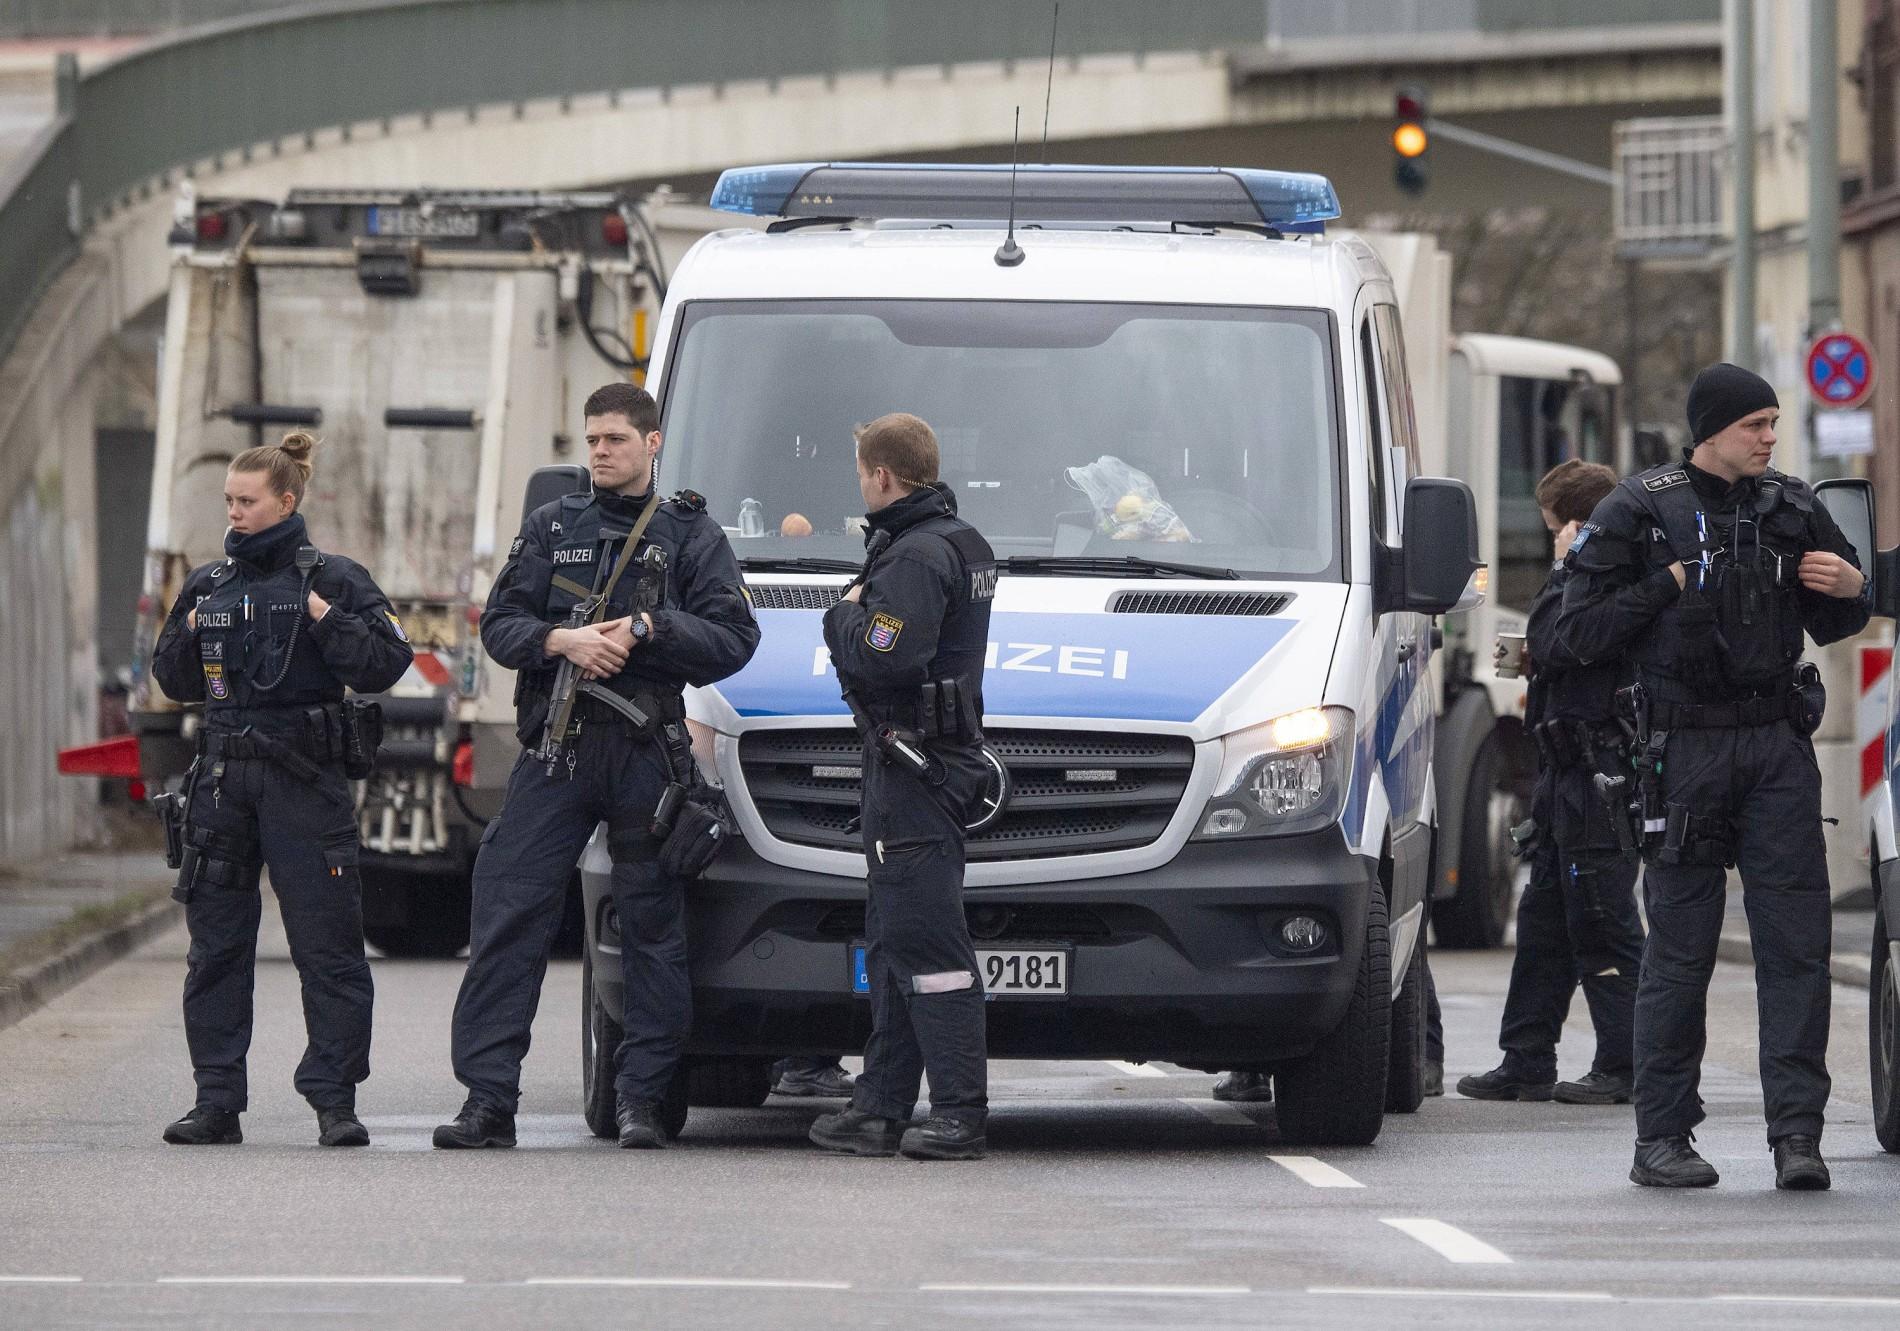 Jetzt Online Bei Der Polizei Bewerben Polizei Hessen 4